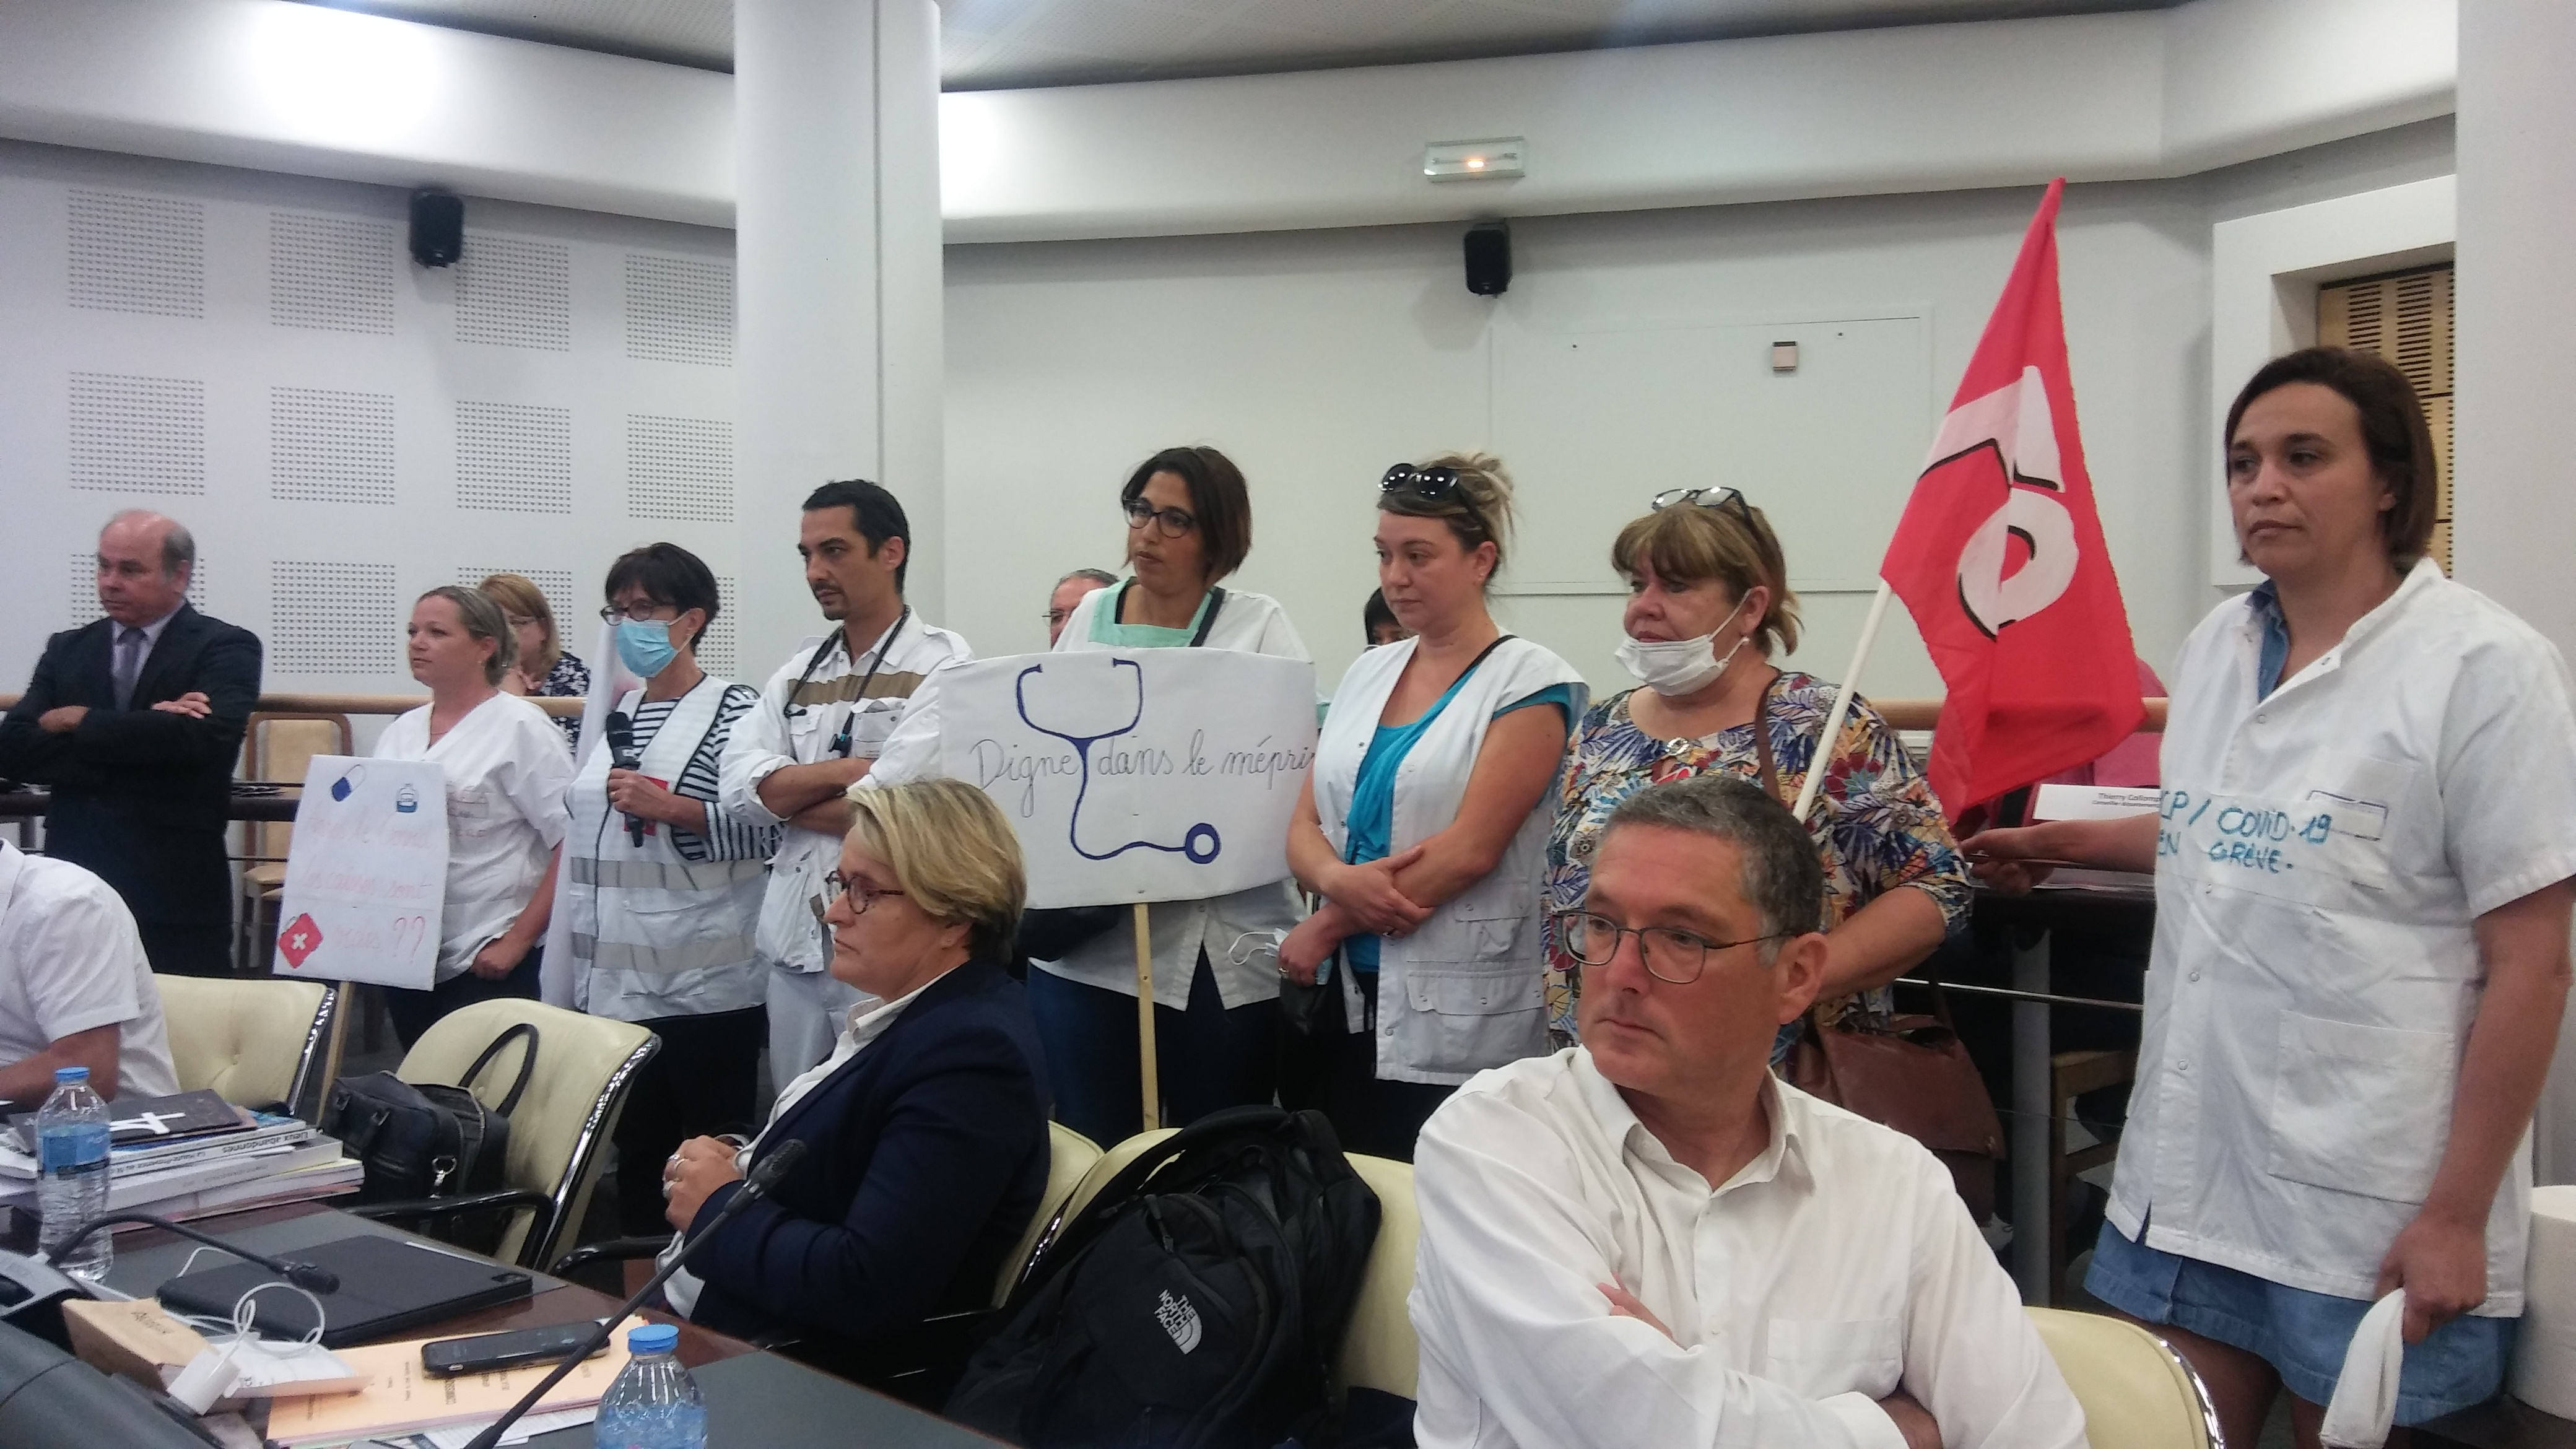 La prime hospitalière s'invite aux débats des élus bas-alpins